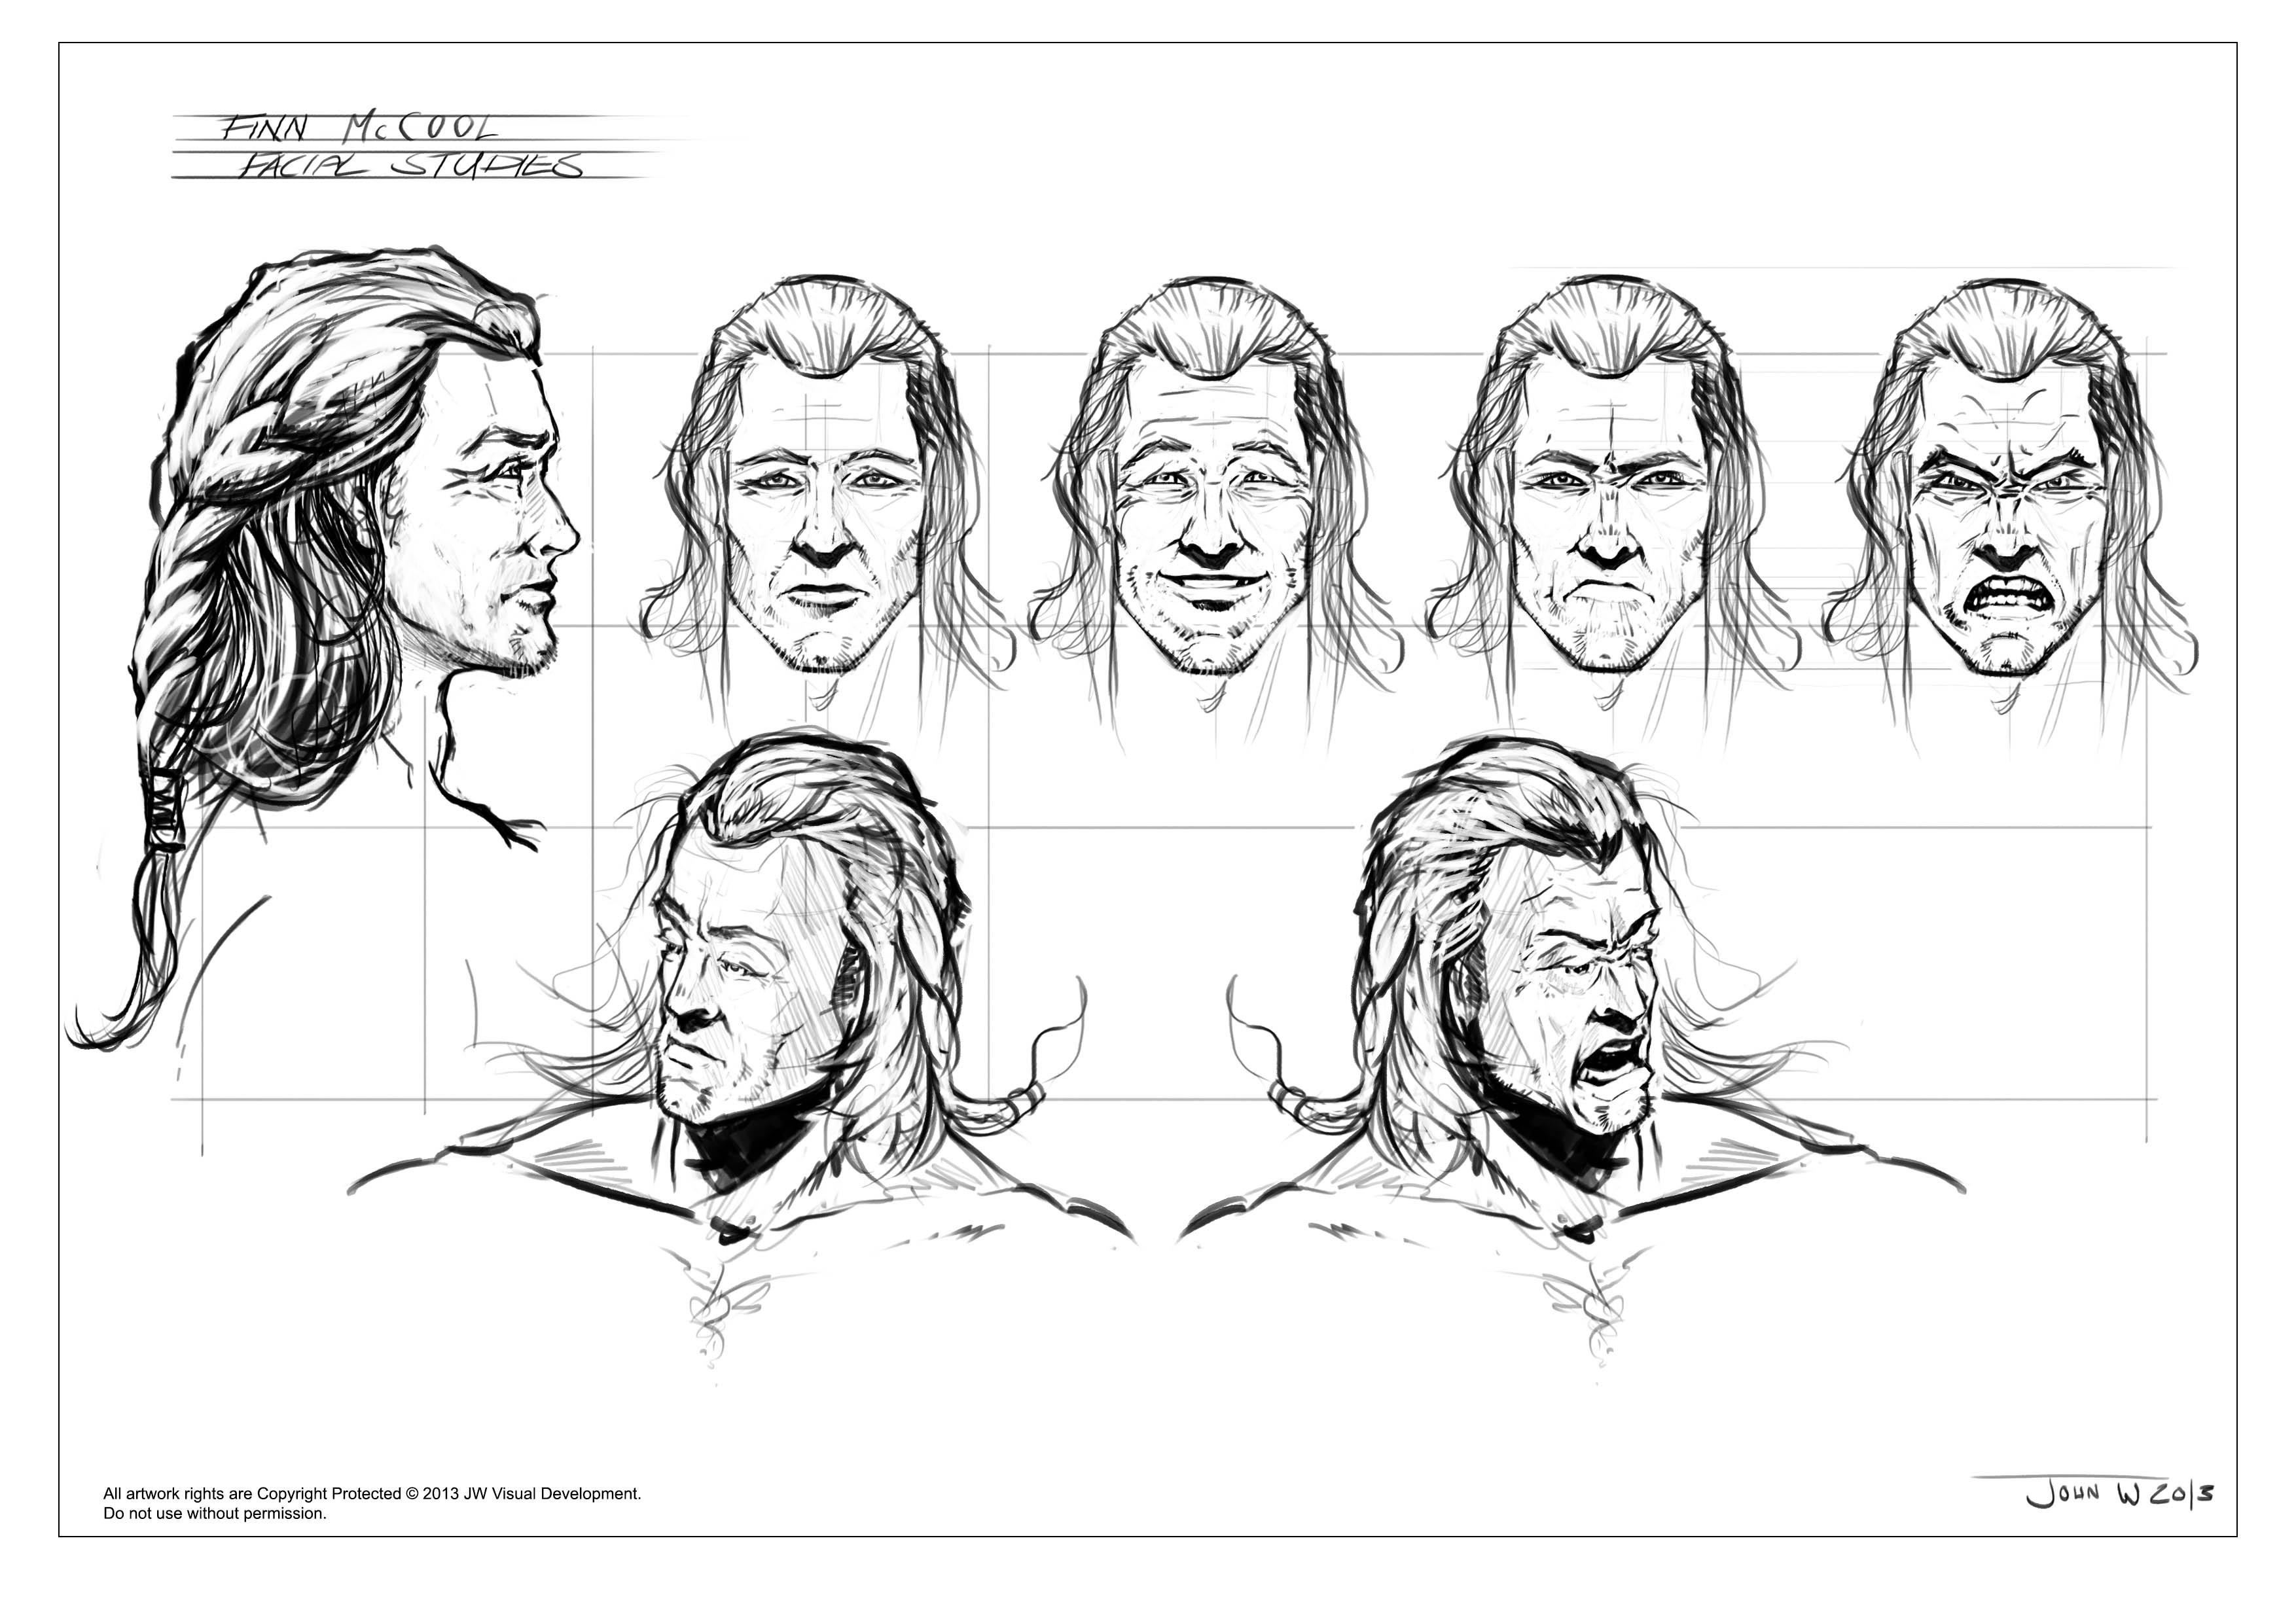 Finn McCool Facial studies